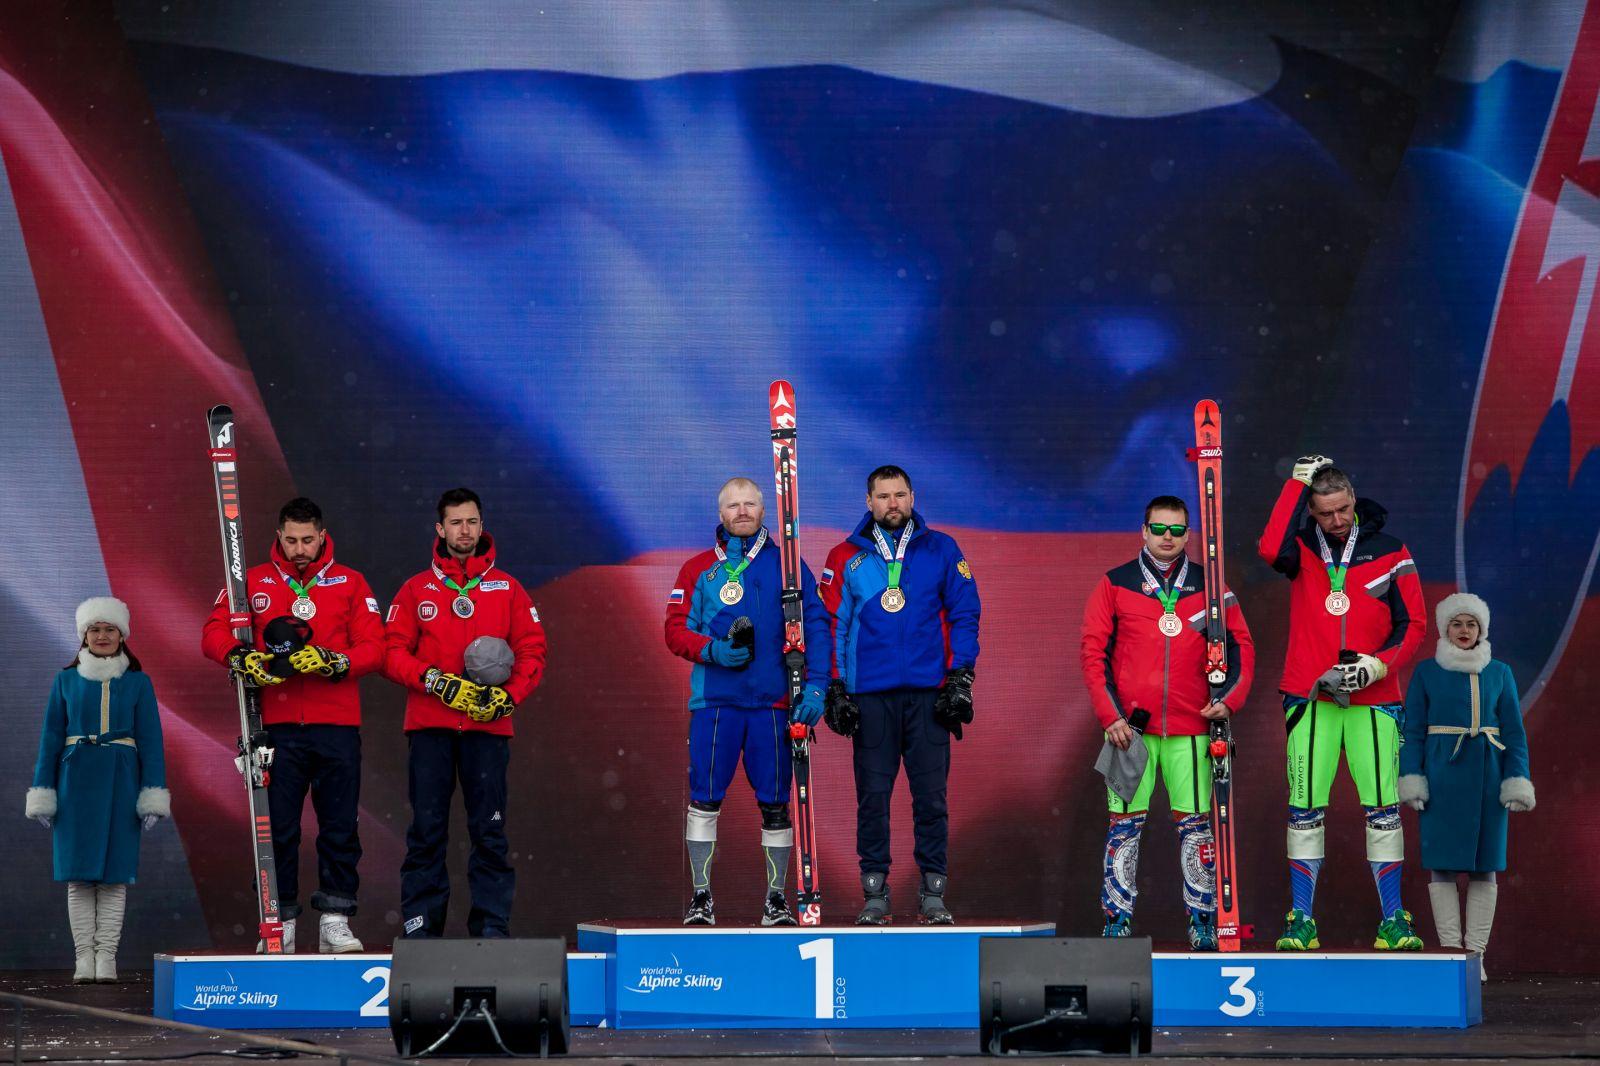 2 золотые, 5 серебряных и 8 бронзовых медалей завоевала сборная России по итогу пяти соревновательных дней 4-го этапа Кубка мира по горнолыжному спорту МПК в Южно-Сахалинске